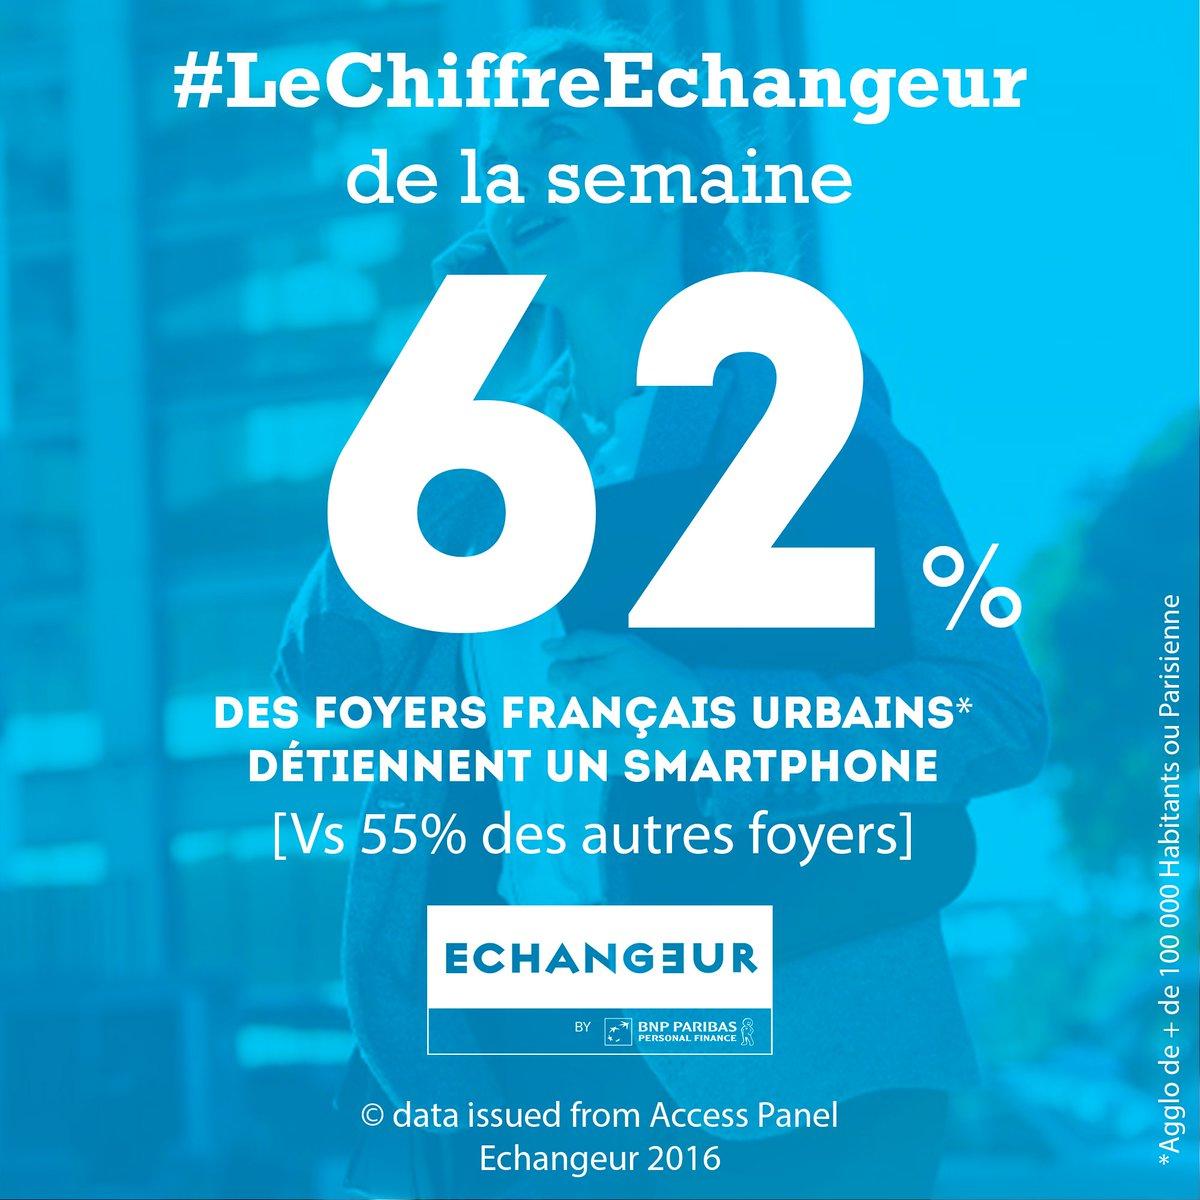 62% des urbains sont équipés en #smartphonesvs 55% pour les autres via @Echangeur #AccesPanel #LeChiffreEchangeur #MobileFirst #change <br>http://pic.twitter.com/vmDFBJGALZ